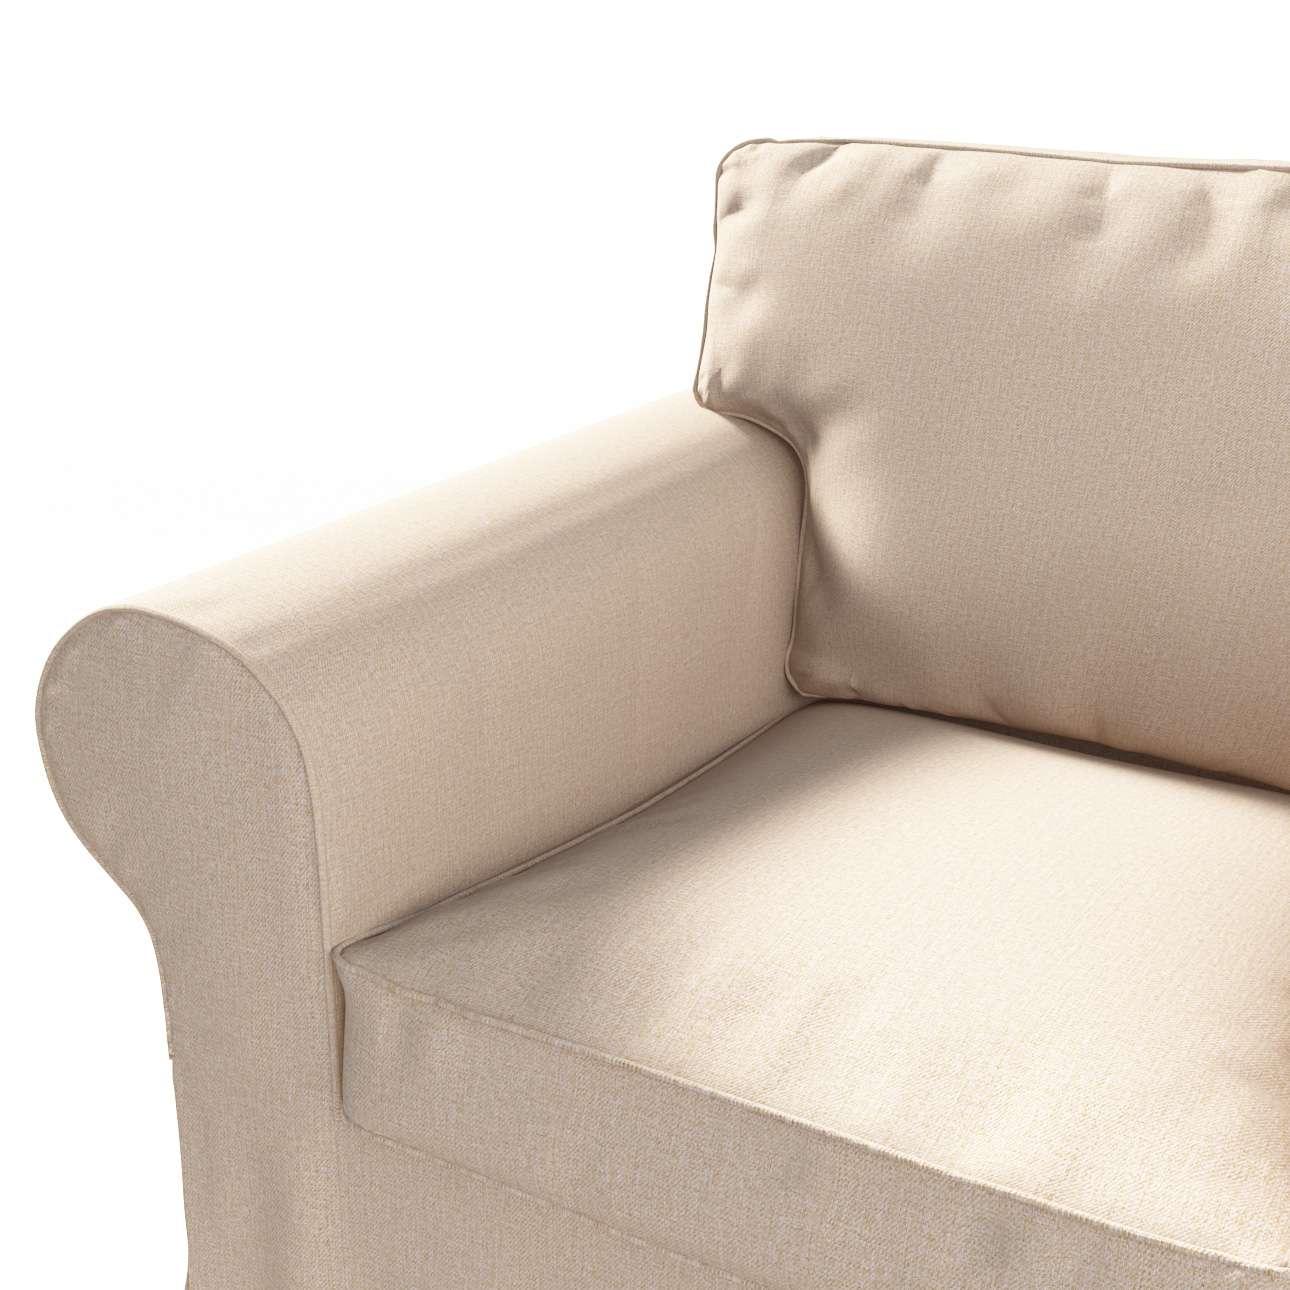 IKEA hoes voor Ektorp fauteuil van de collectie Edinburgh, Stof: 115-78